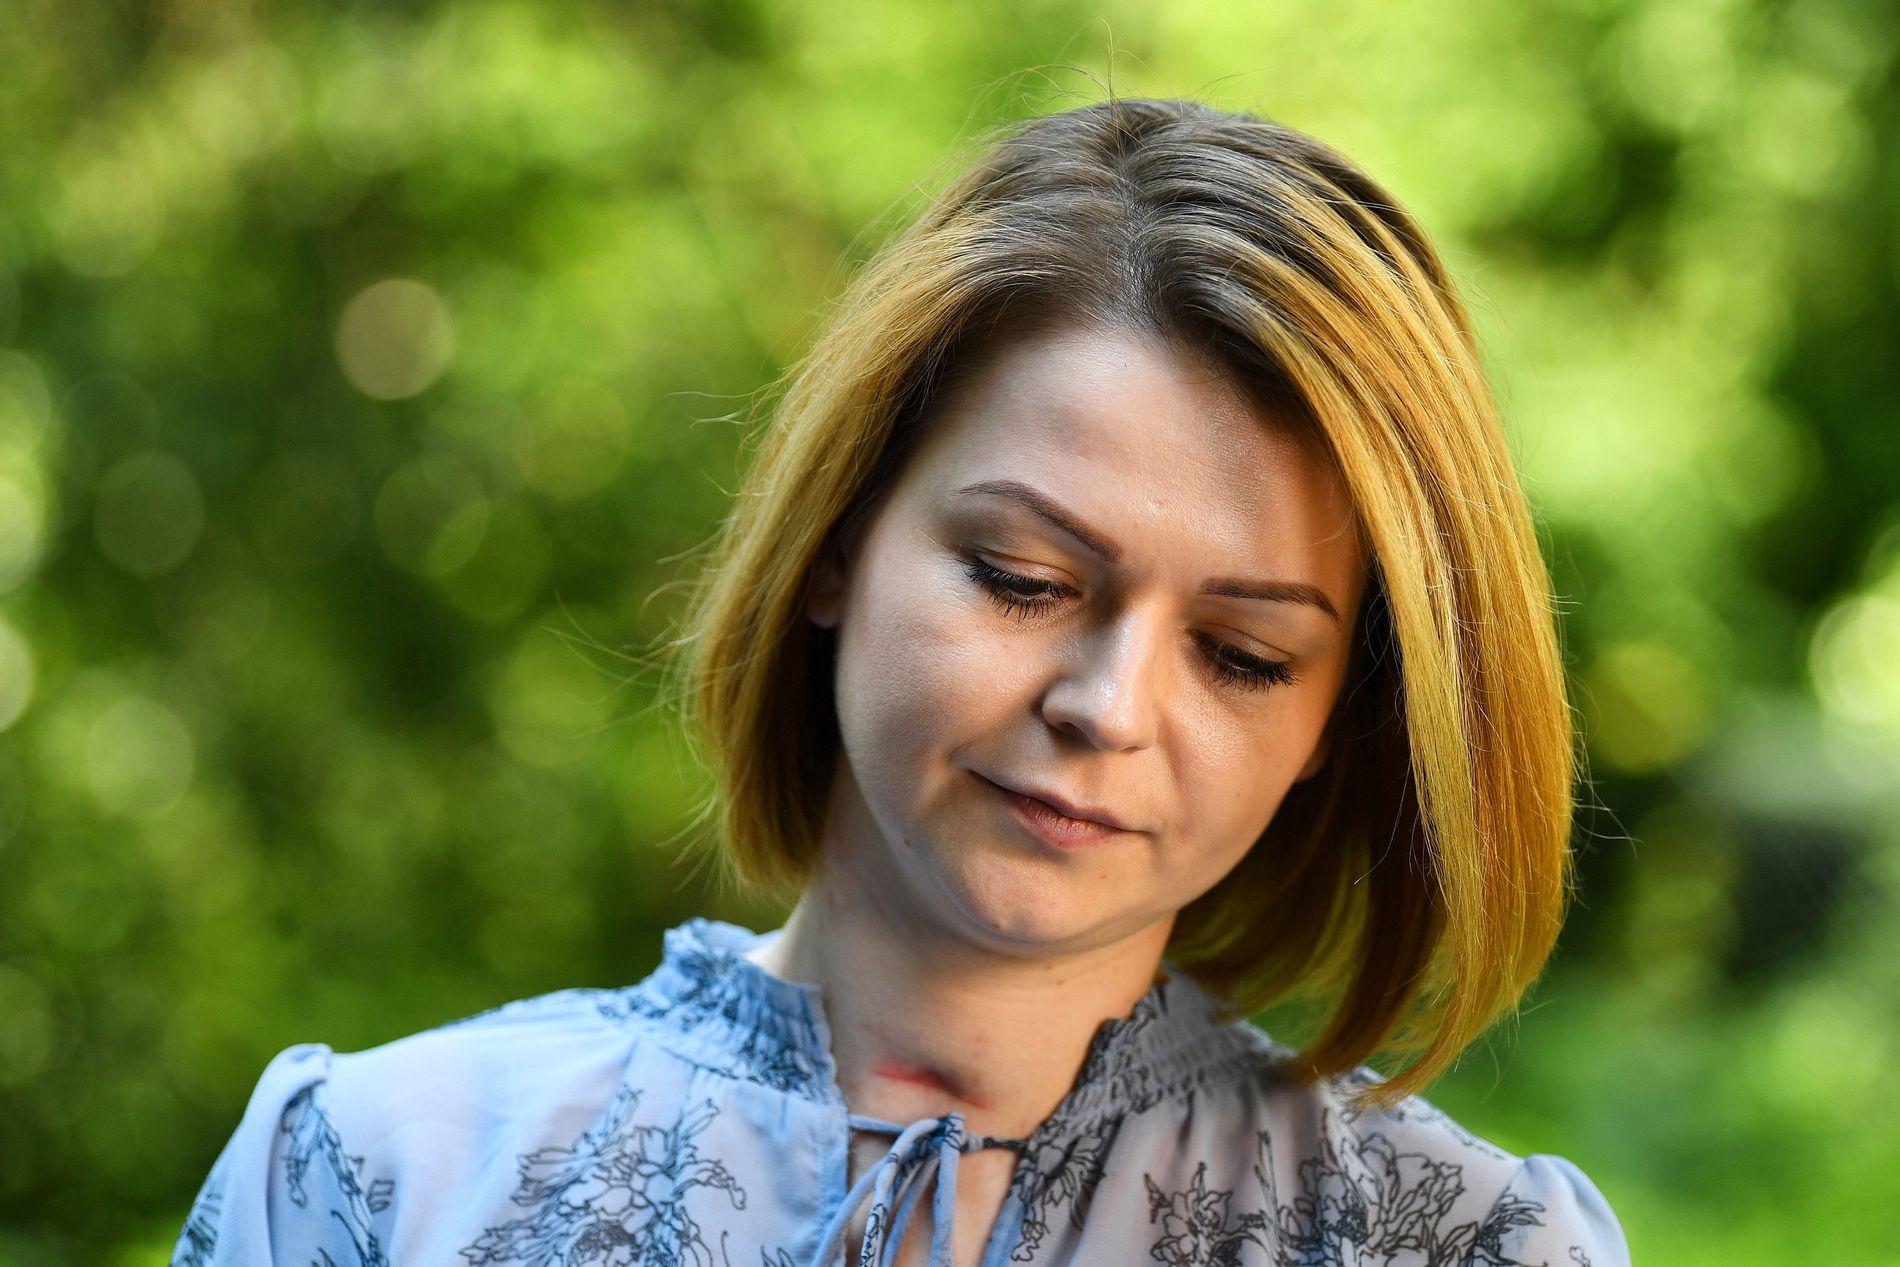 SMERTEFULL BEHANDLING: Julia Skripal stilte til intervju med Reuters i blå sommerkjole og et godt synlig arr på halsen.